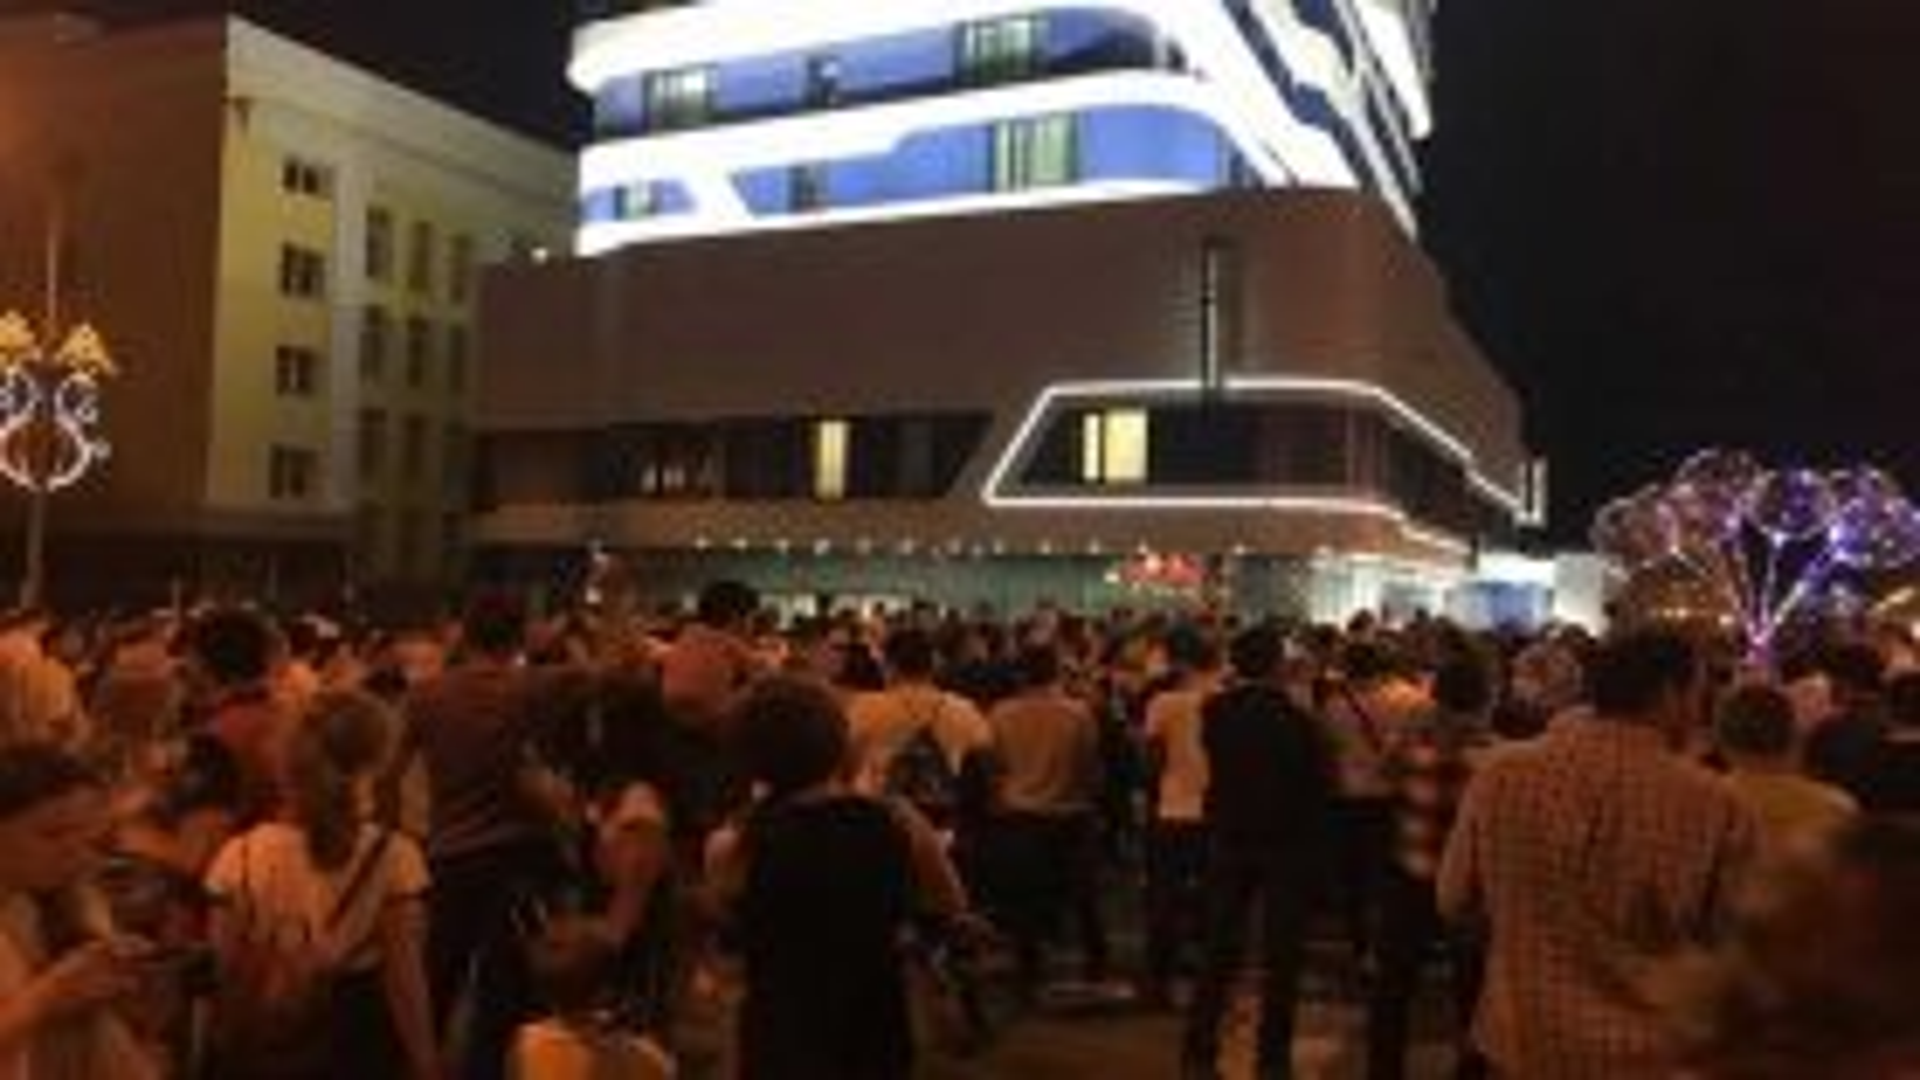 تجمع جمعی از هواداران ایرانی مقابل محل اقامت تیم فوتبال پرتغال | فیلم